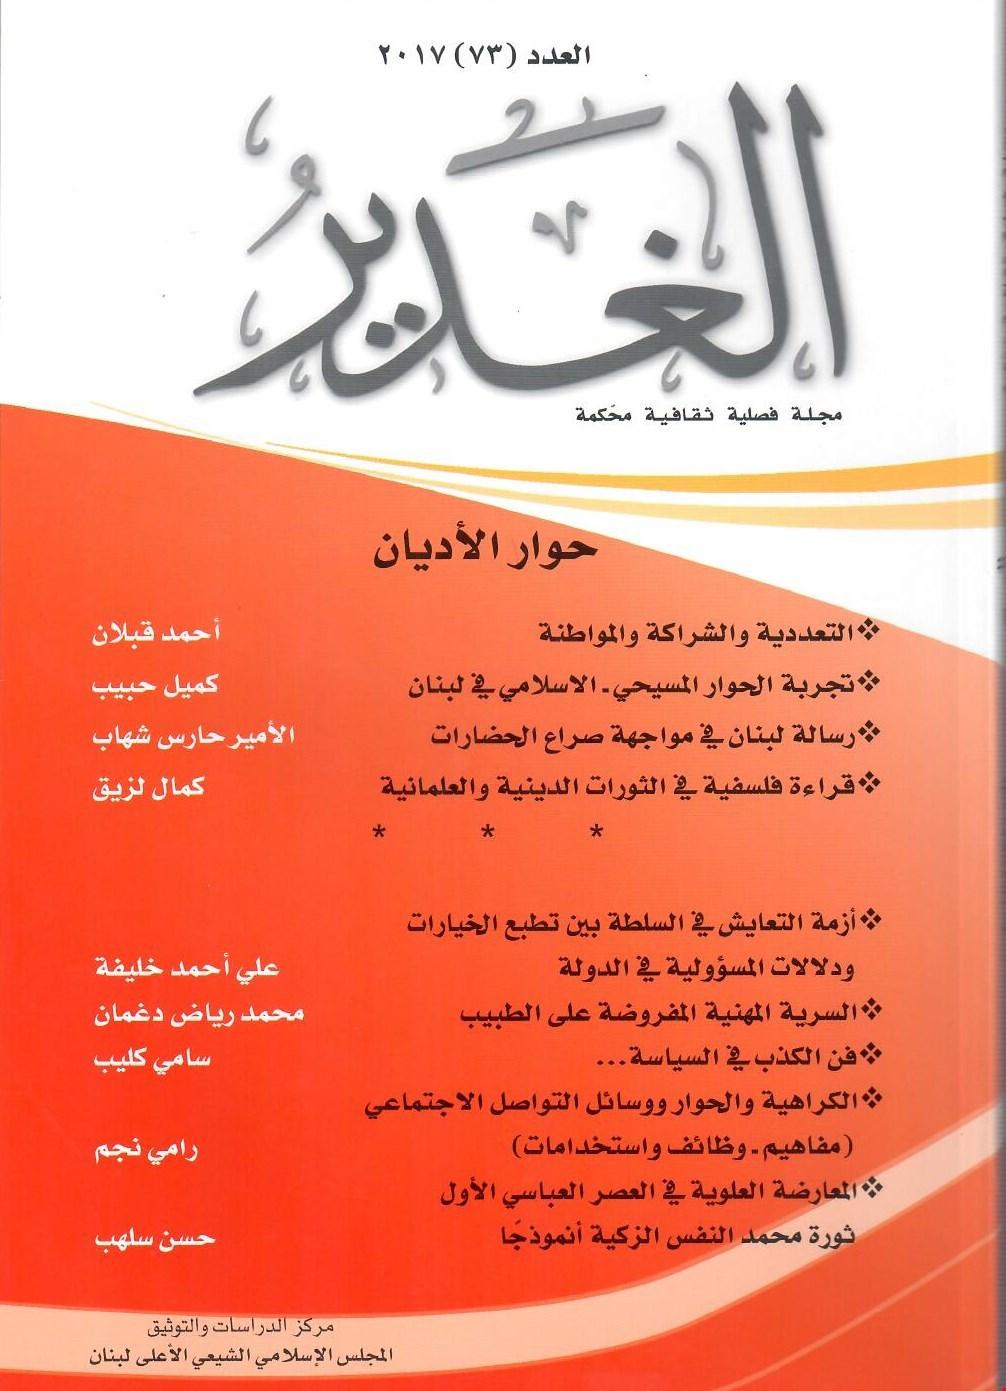 """صدور  العدد الجديد من مجلة الغدير  ومحوره """"حوارُ الأديان"""""""